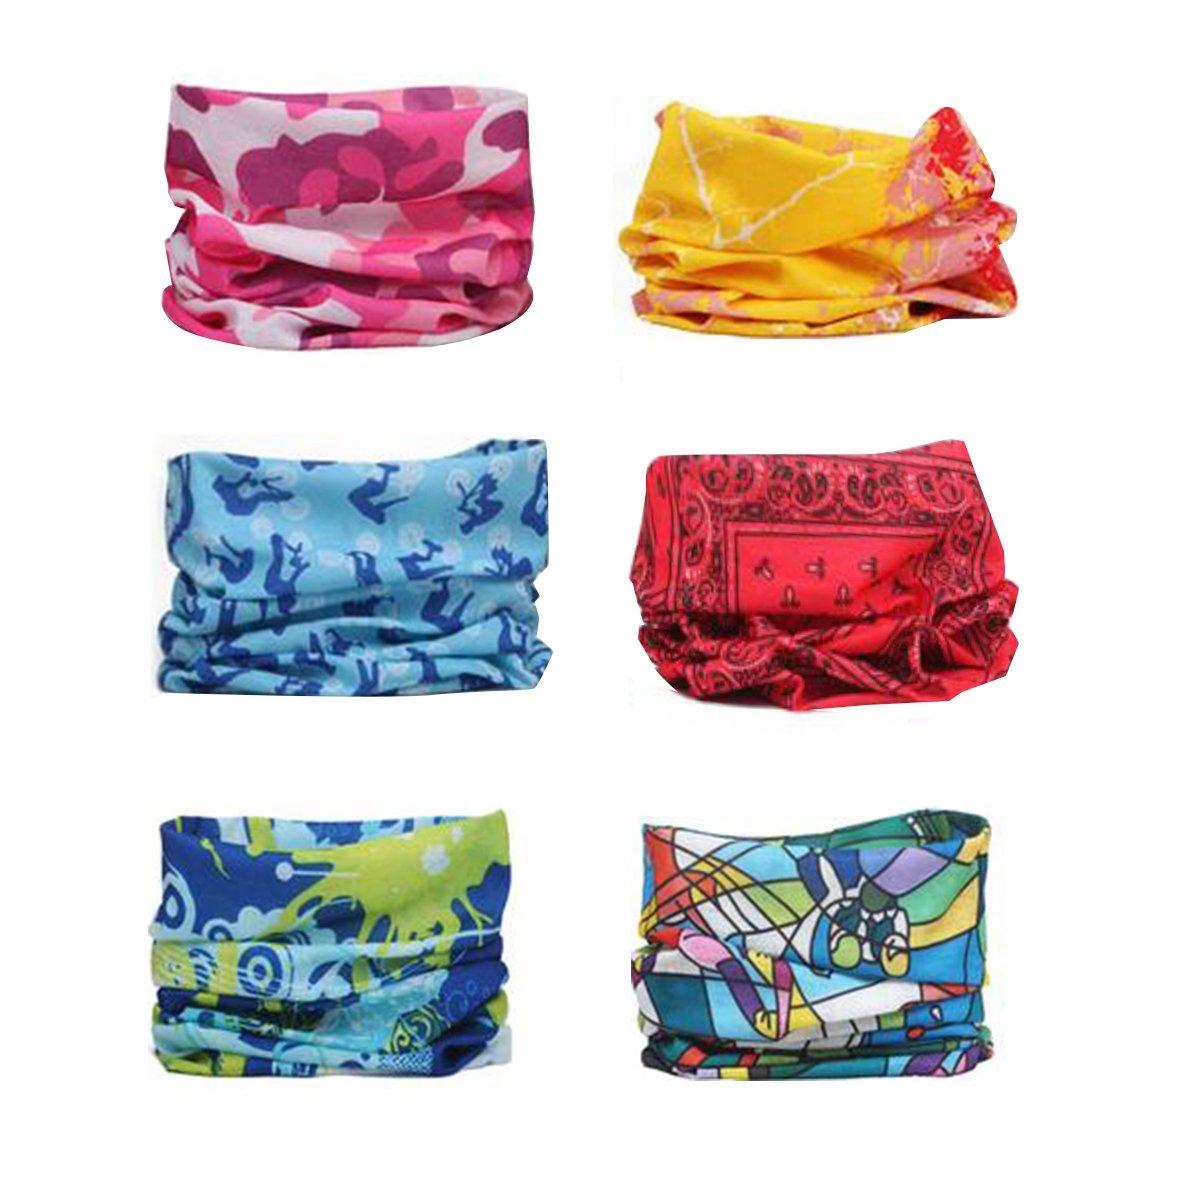 Sea Team Surtido variado con 6 telas de poliéster para la cabeza, se puede utilizar como braga, pañuelos, pasamontañas, máscara y otros.